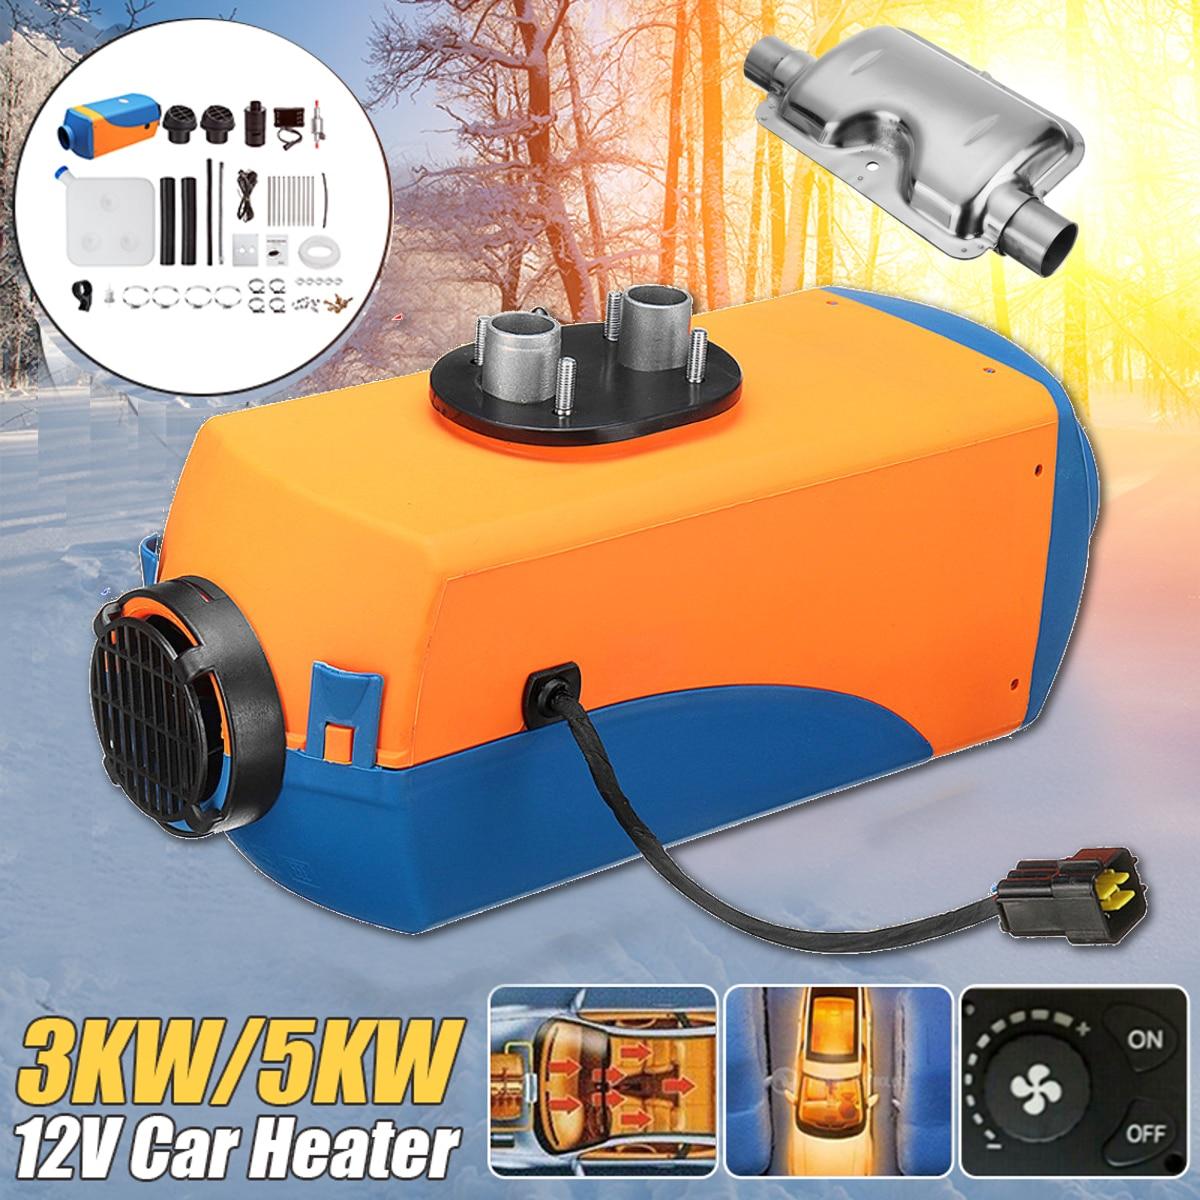 12 В 3KW/5KW дизелей Air парковка обогреватель Planar для дом на колесах грузовики лодки шины ручка переключателя автомобиля нагреватель с 1 xSilencer